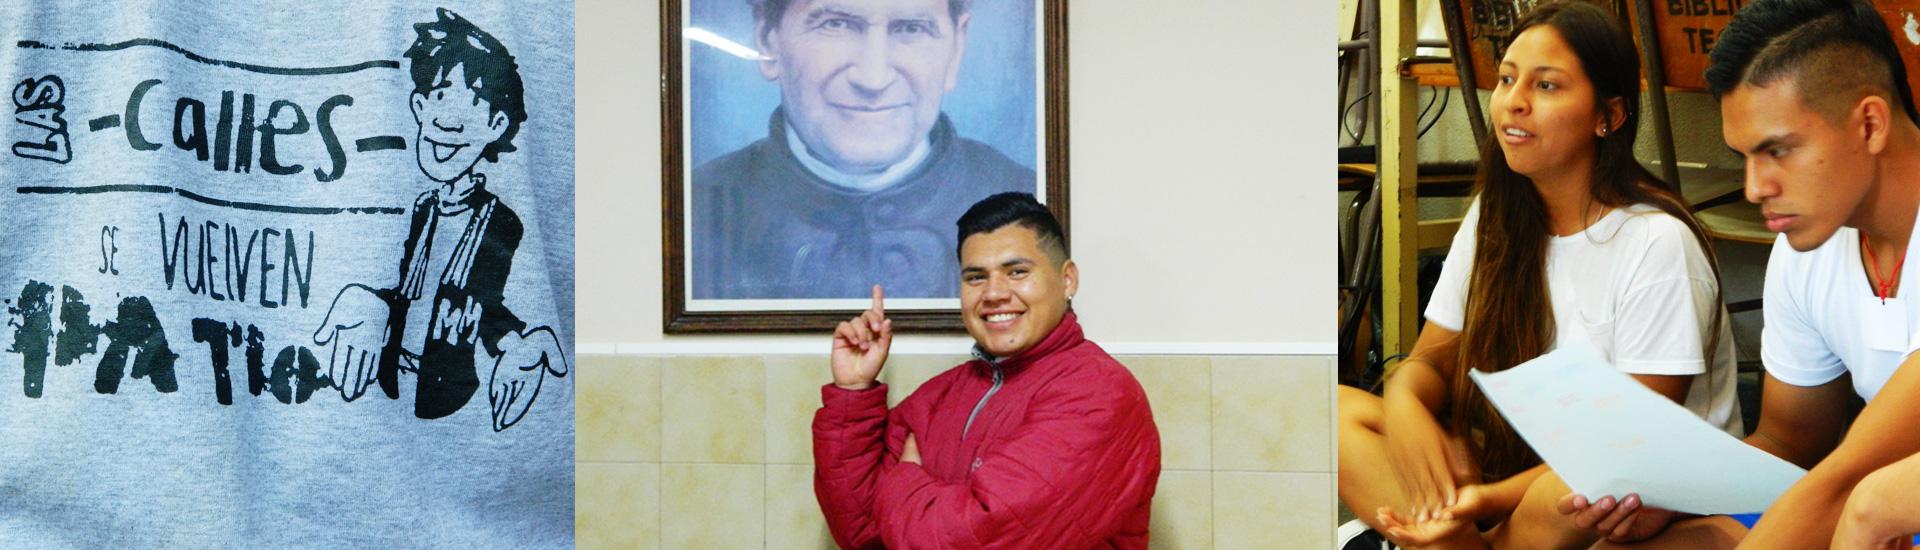 El cambio de vida de Víctor gracias a Don Bosco